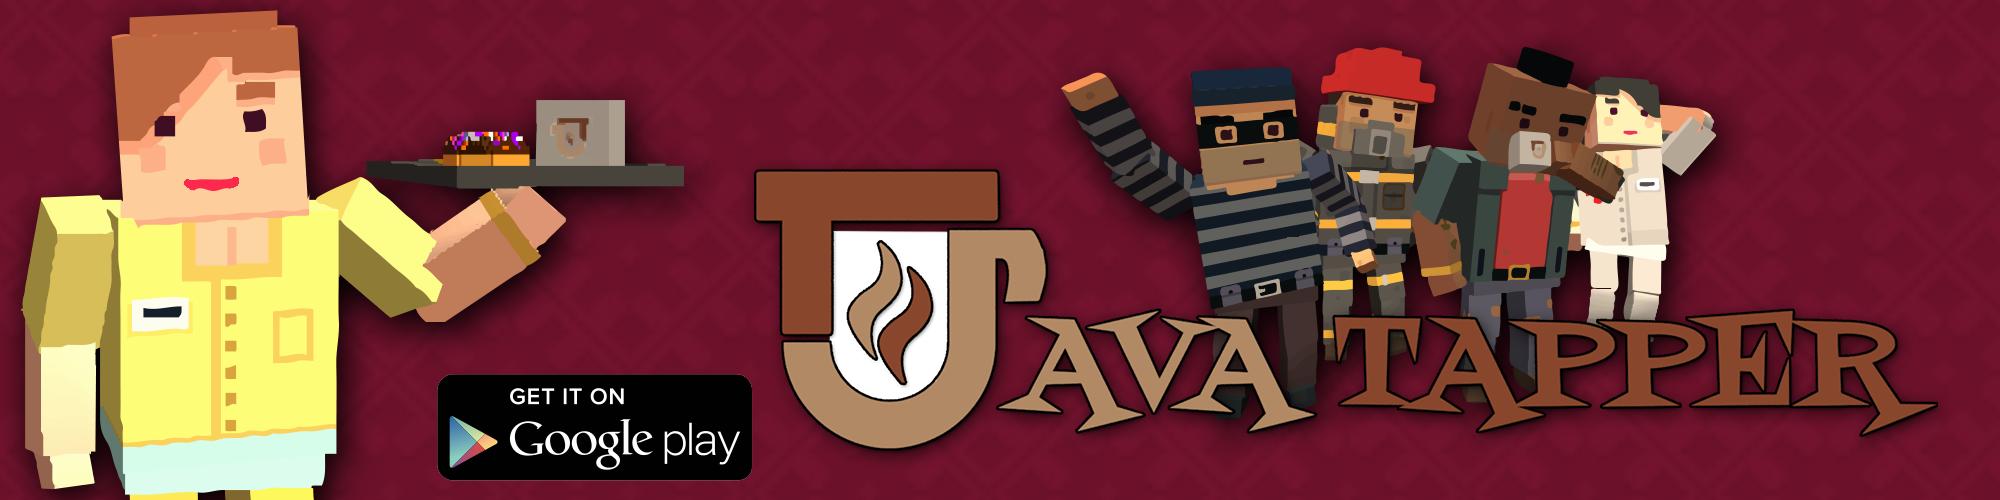 Java Tapper